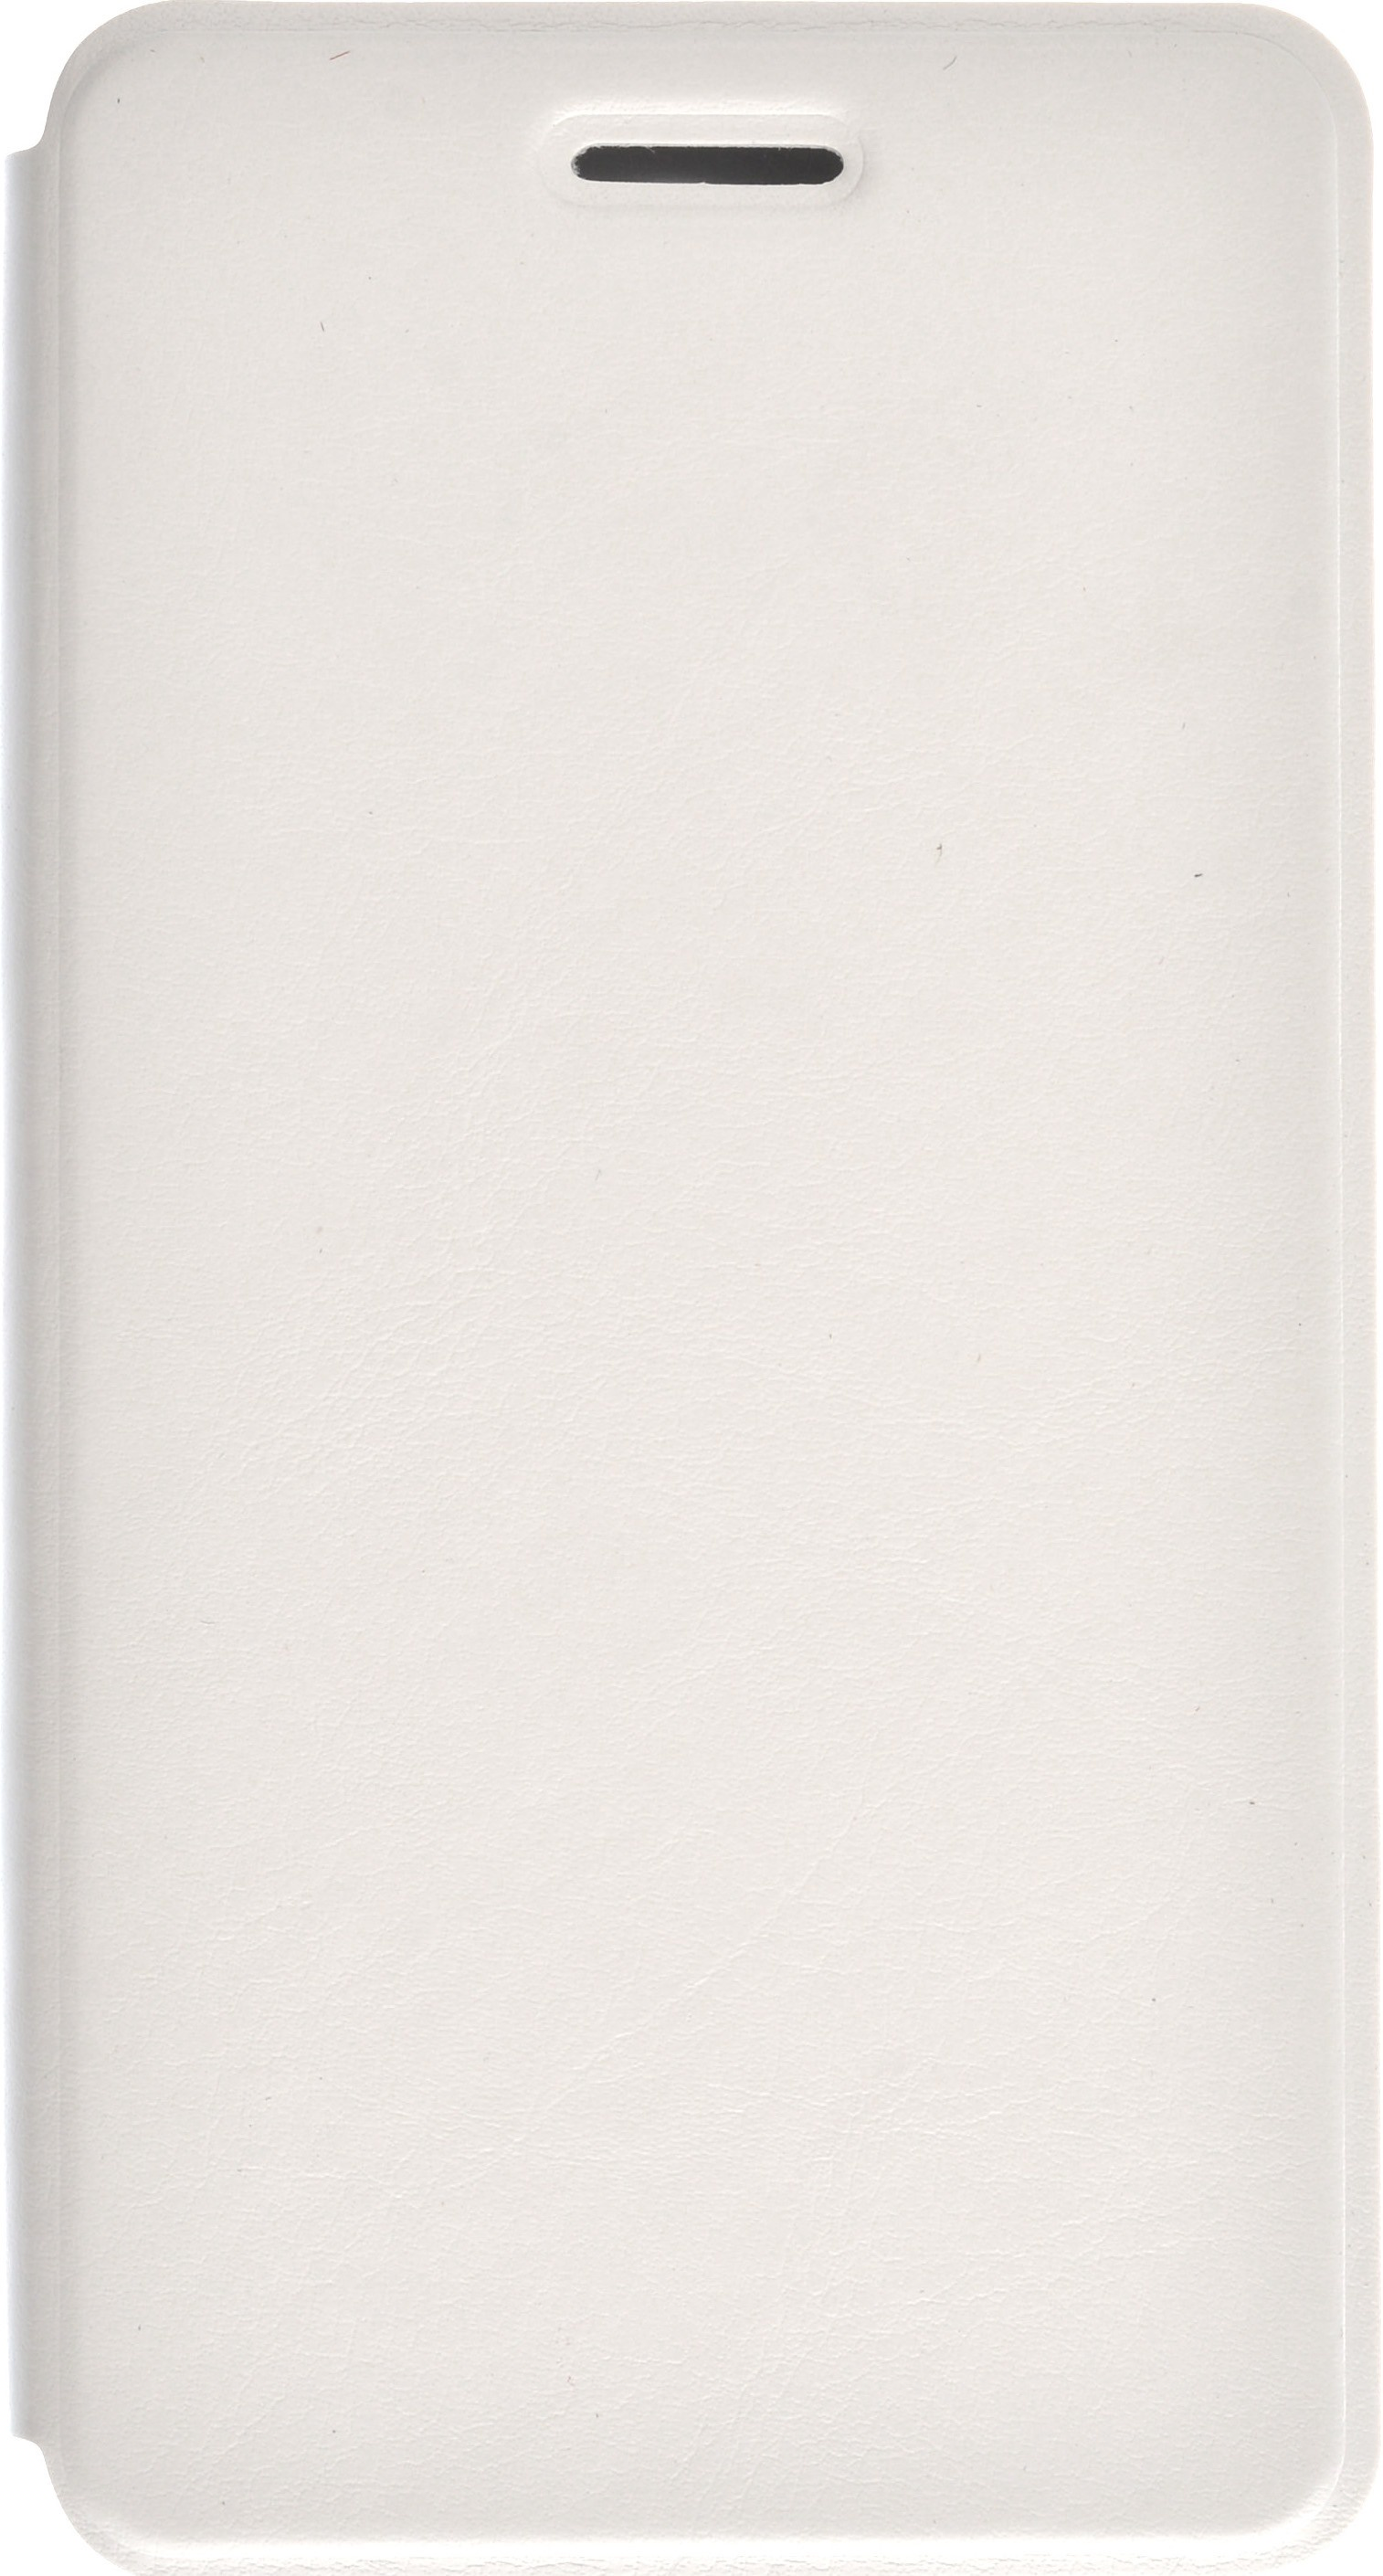 Чехол для сотового телефона skinBOX Lux, 4630042527300, белый